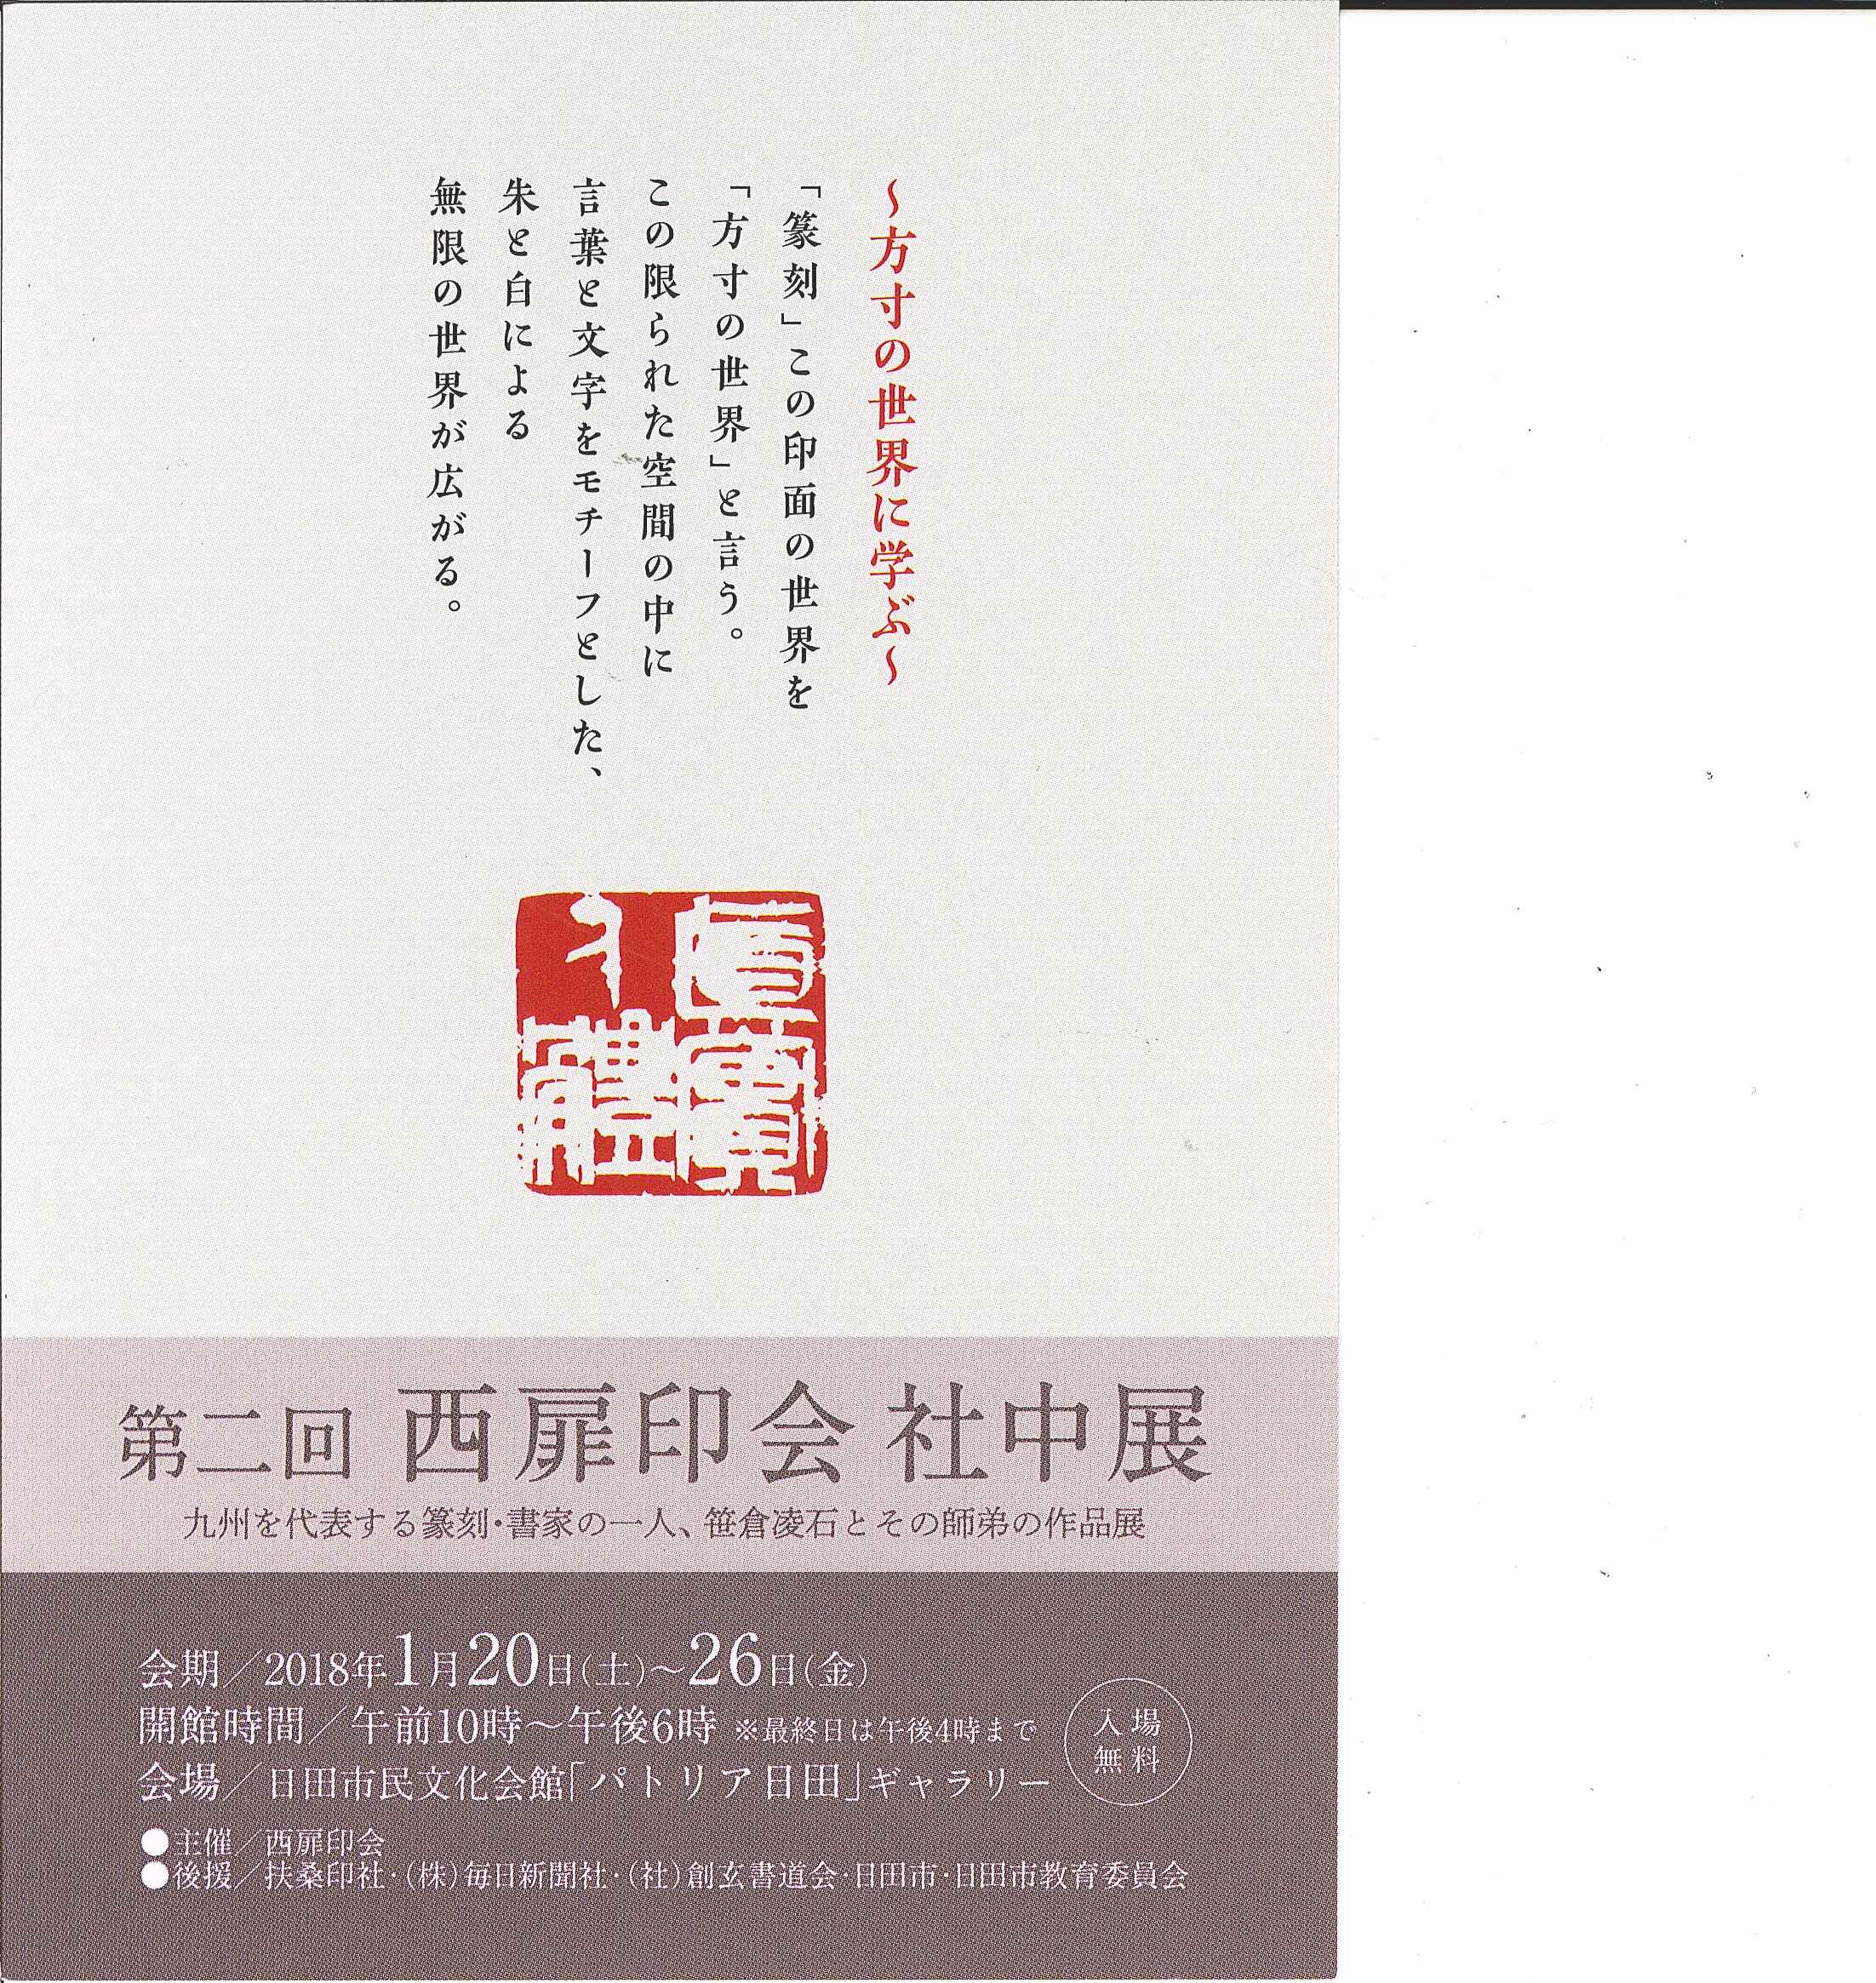 http://www.sogen.or.jp/letter/2017/12/30/20171230173837124_0002.jpg